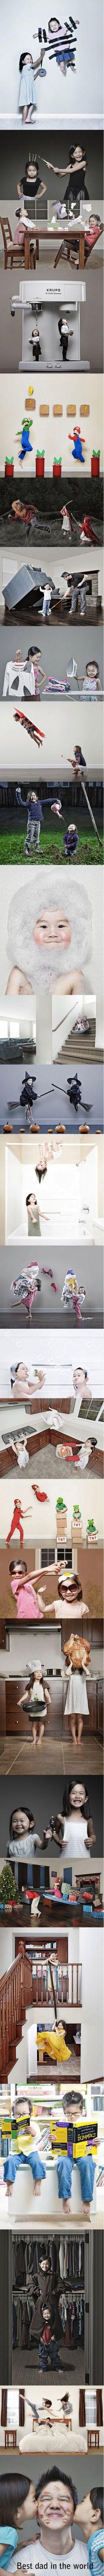 So cute! Als je zelf twee kinderen hebt ook lekker gekke foto's maken. Ze doen me denken aan mij en mijn zusje toen wij klein waren. Haha..